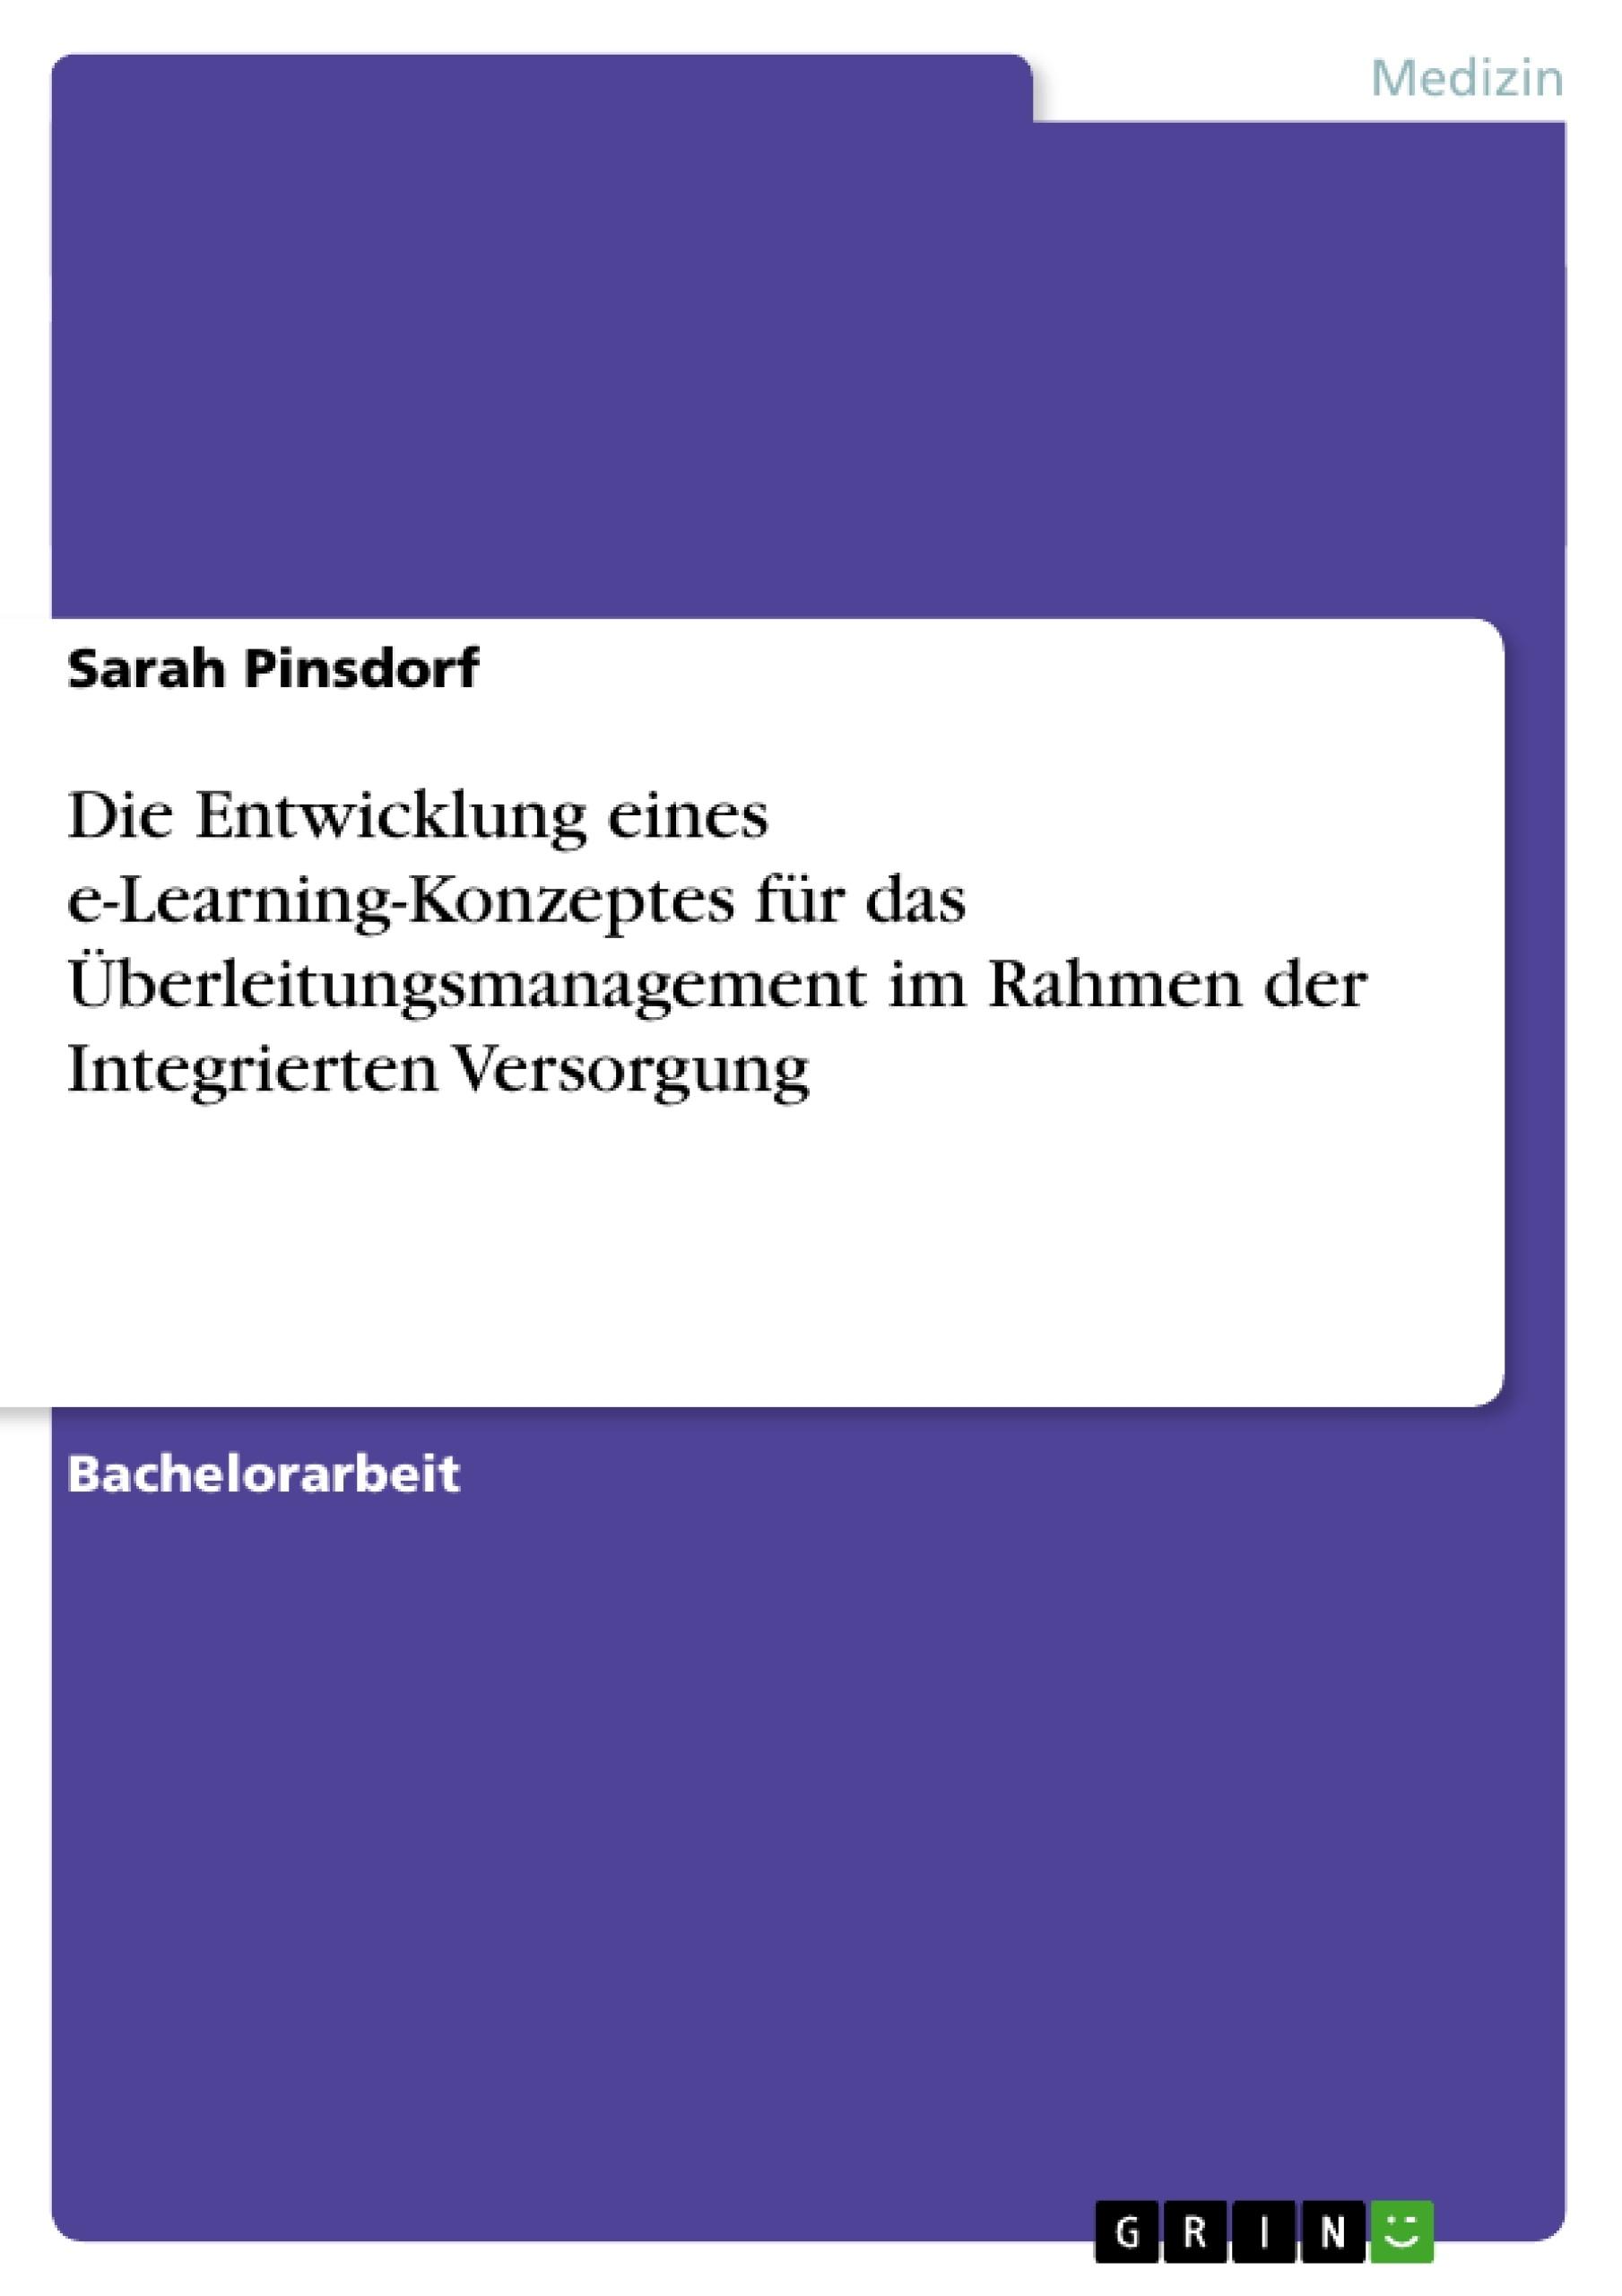 Titel: Die Entwicklung eines e-Learning-Konzeptes für das Überleitungsmanagement im Rahmen der Integrierten Versorgung